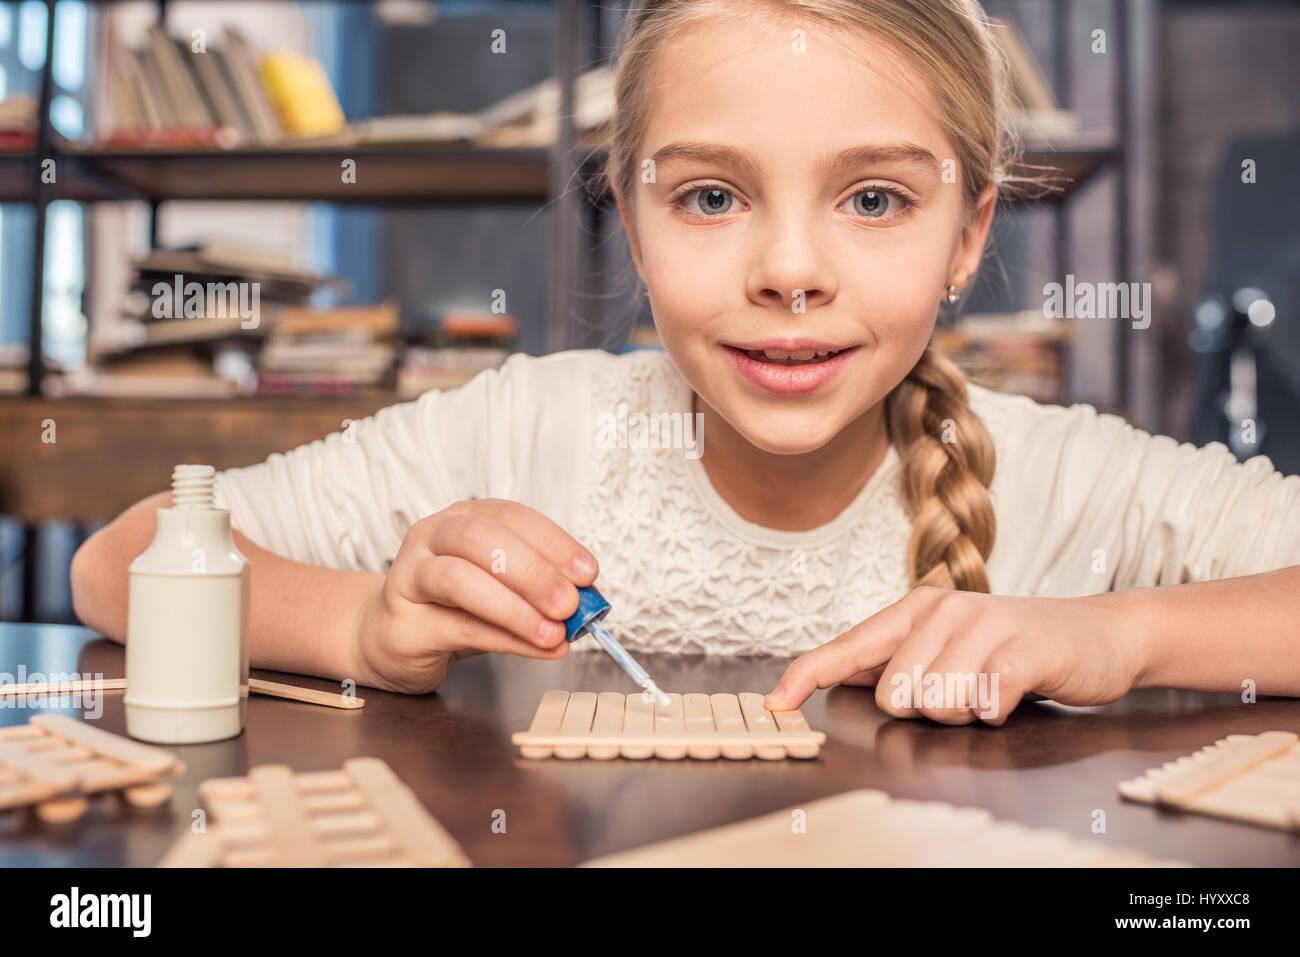 Sorridente bambina artigianale con gelato bastoni e colla Immagini Stock